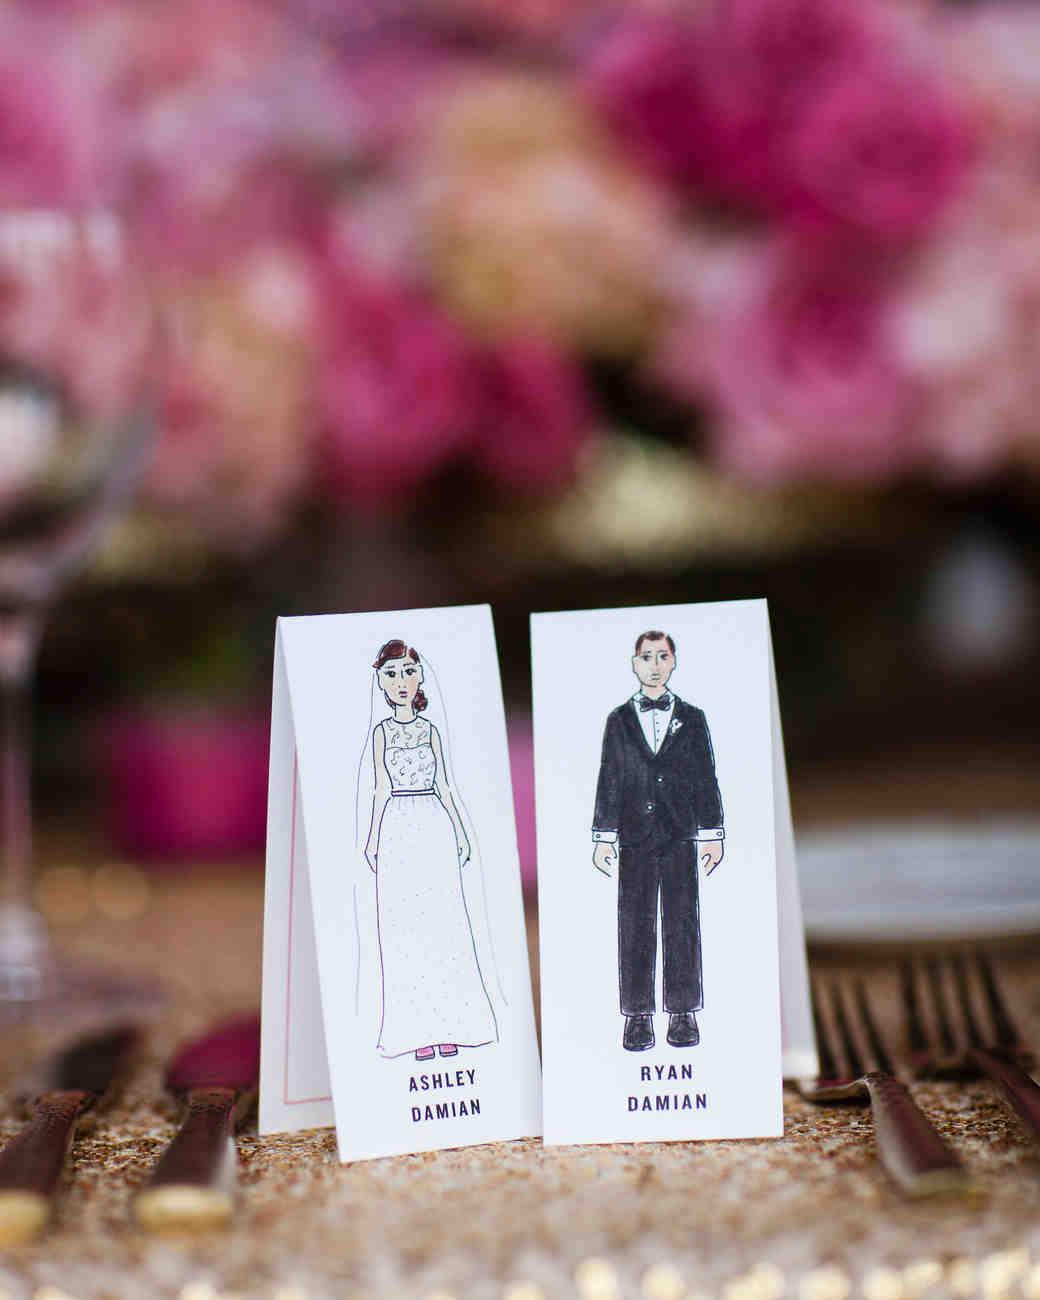 ashley-ryan-wedding-escortcard-6454-s111852-0415.jpg